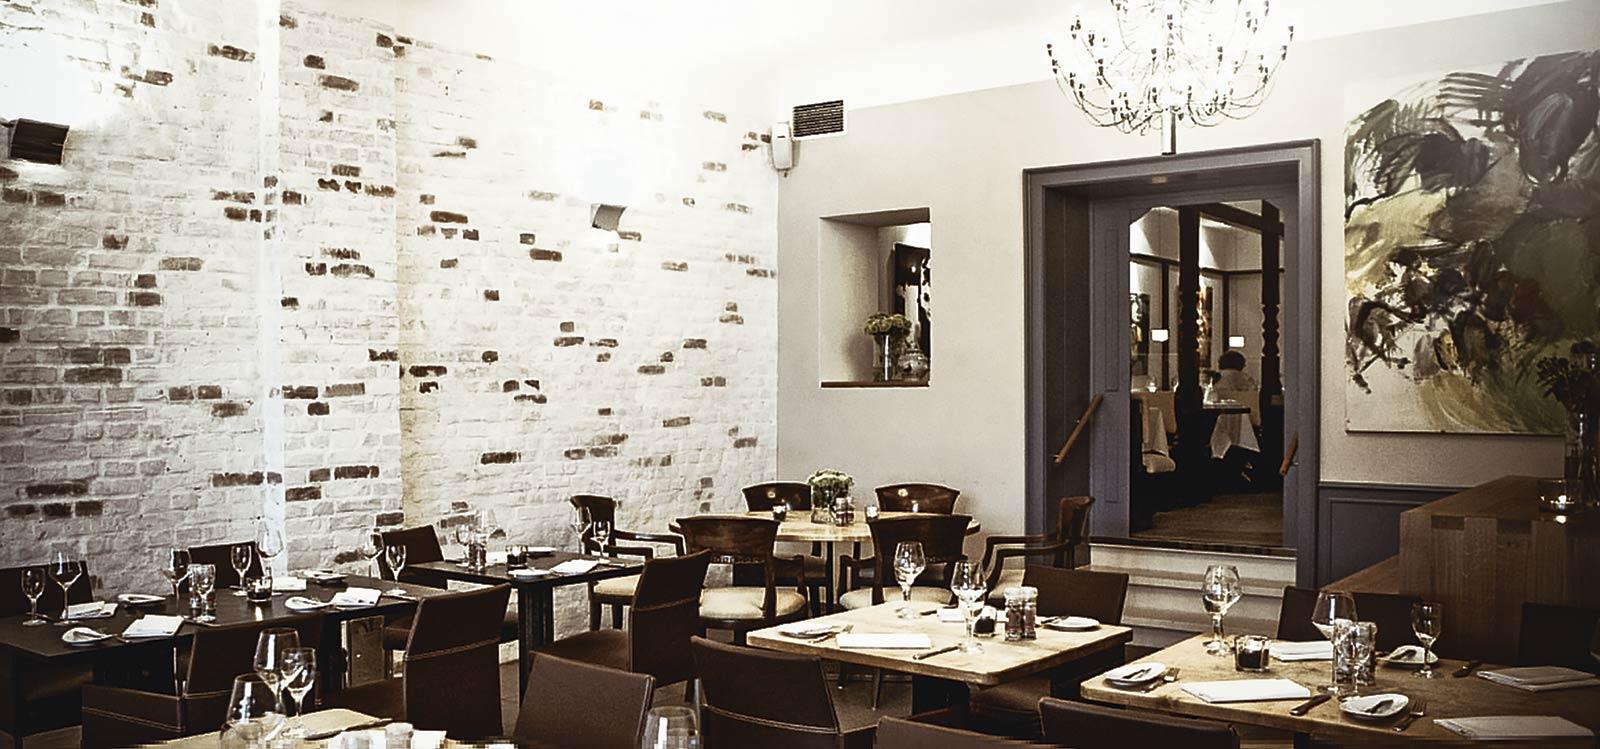 einheitsbrei_restaurant